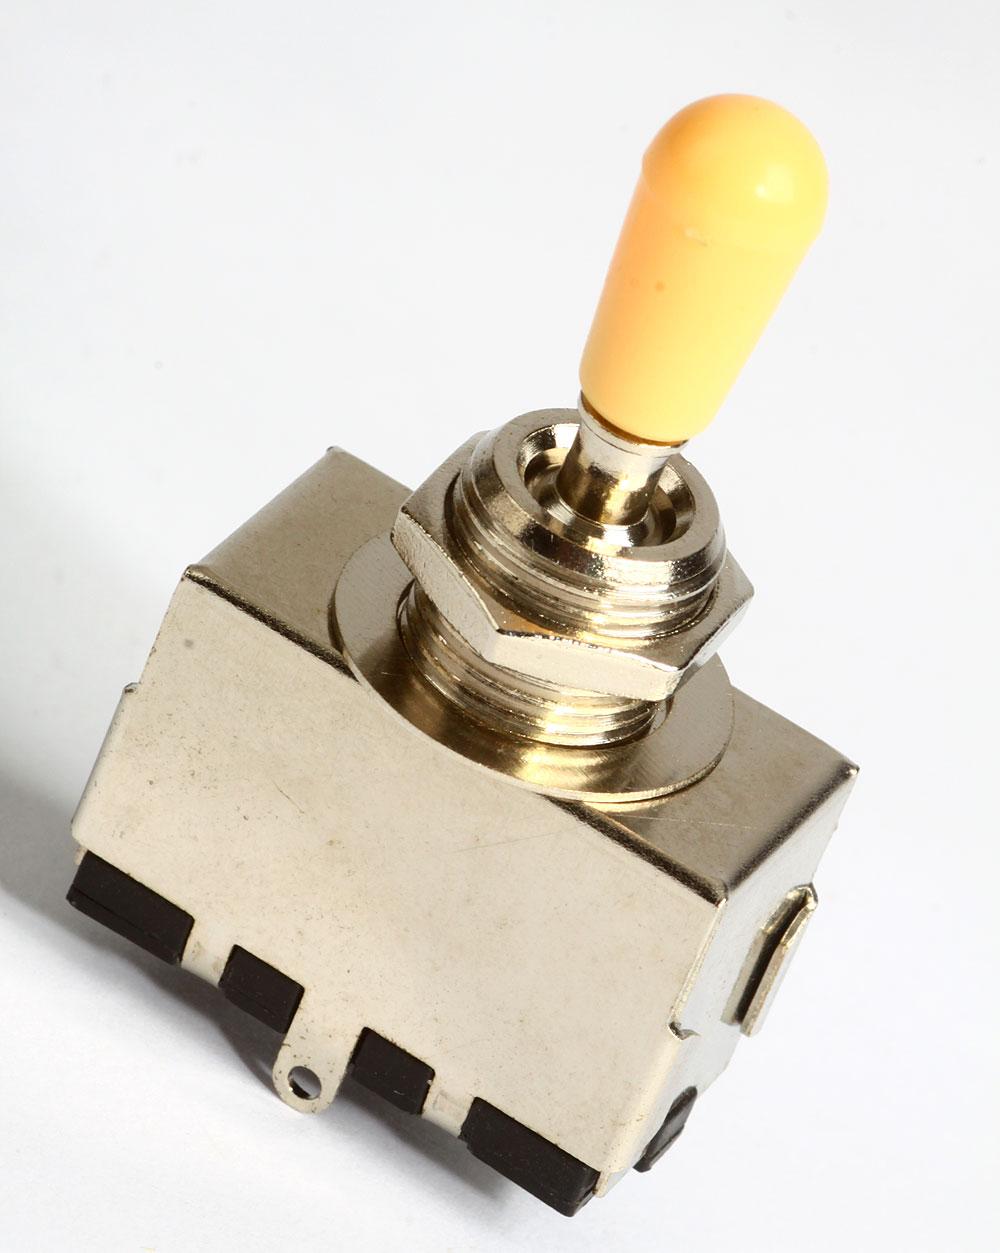 Ziemlich 5 Wege Lichtschalter Fotos - Elektrische Schaltplan-Ideen ...